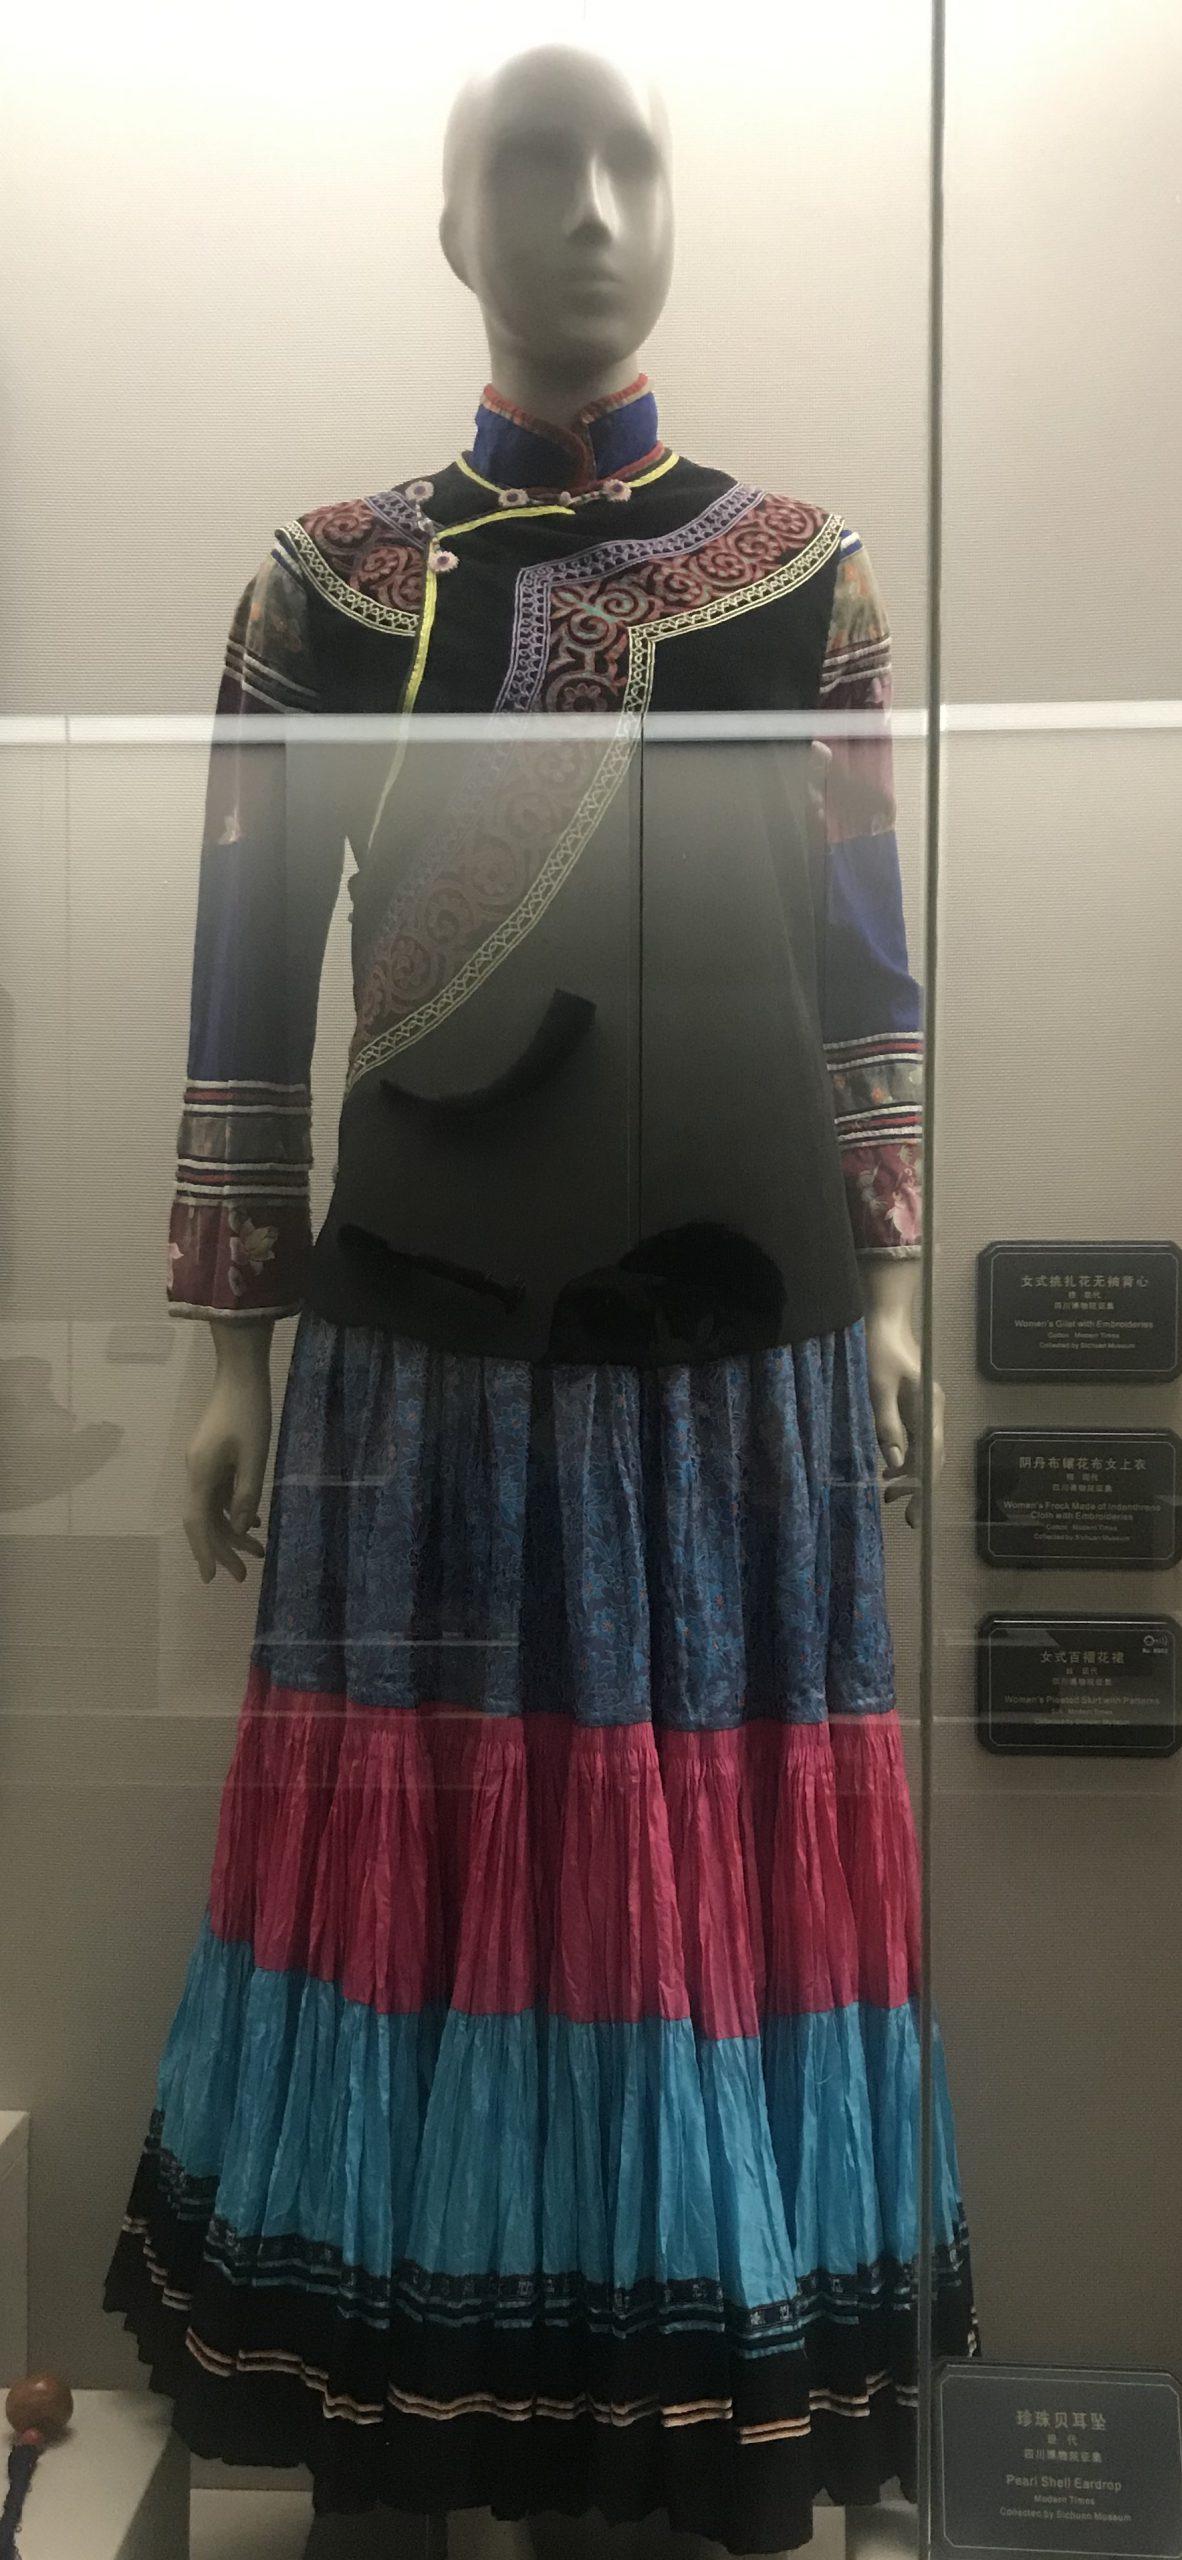 女式百褶花裙-陰丹布鑲花布女上衣-女式挑紮花無袖背心-彜族衣装-四川民族文物館-四川博物館-成都